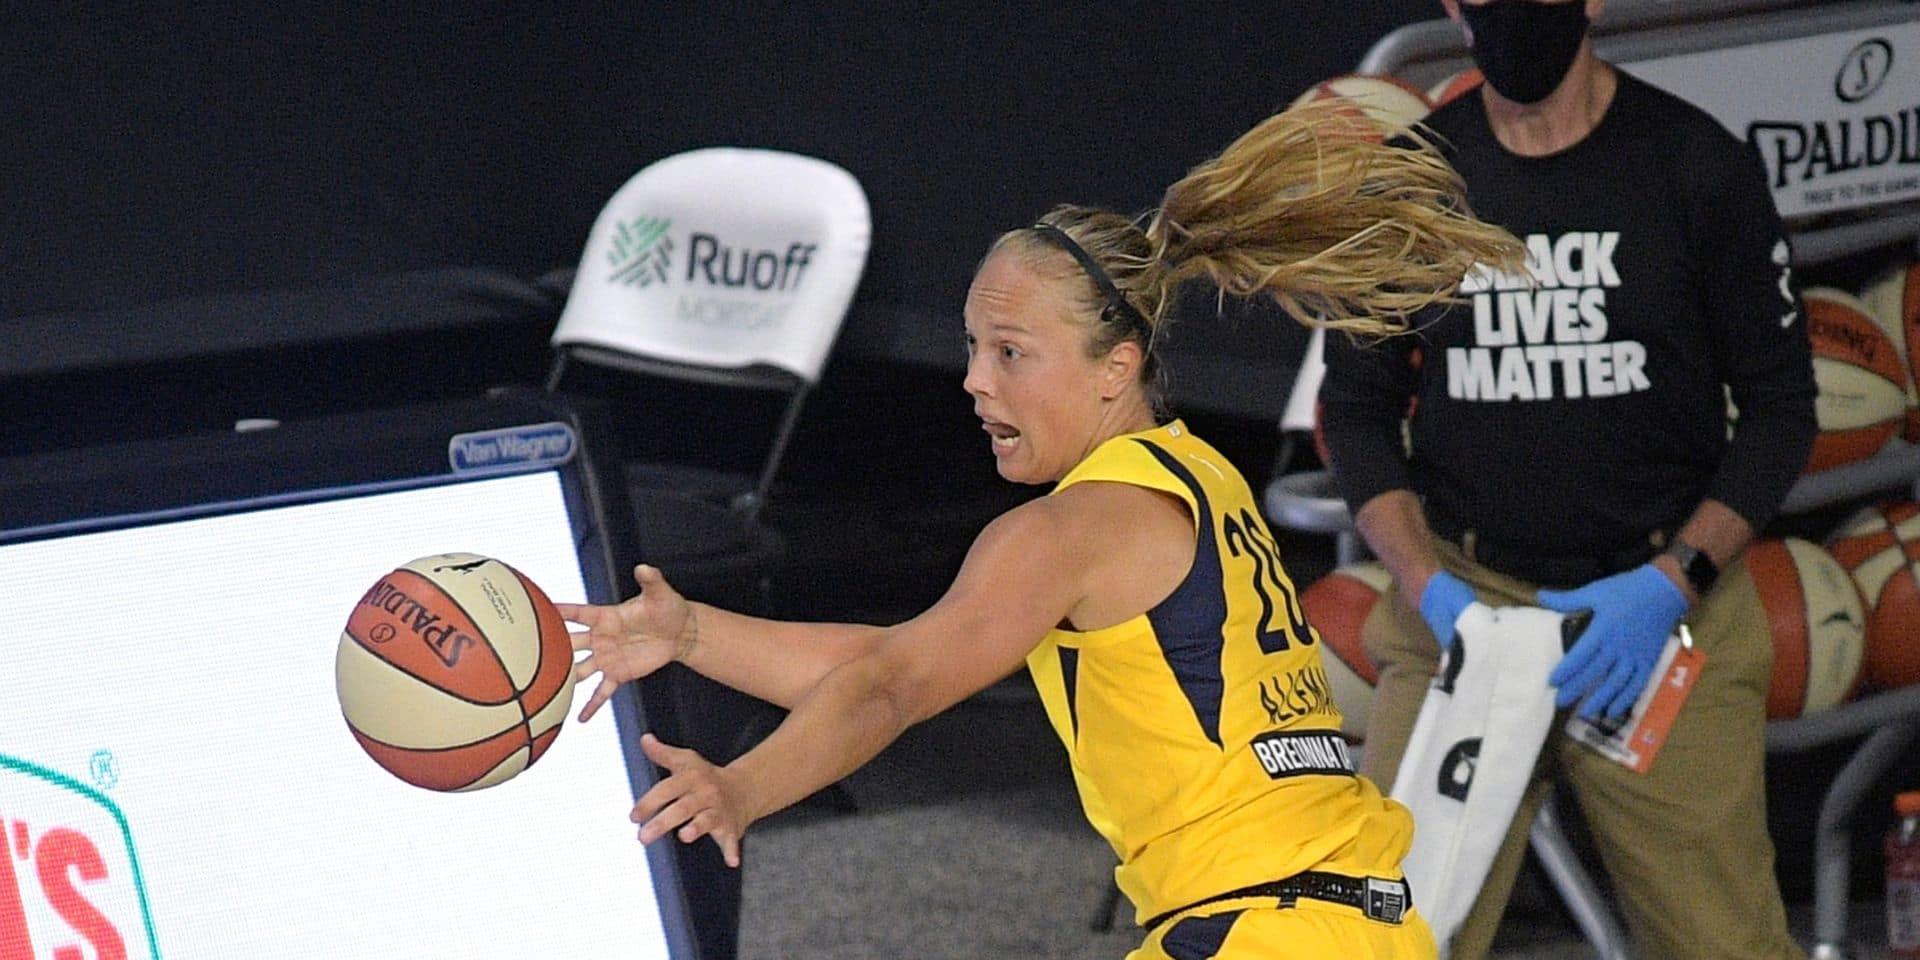 WNBA : Julie Allemand aide Indiana Fever à s'imposer contre Atlanta Dream